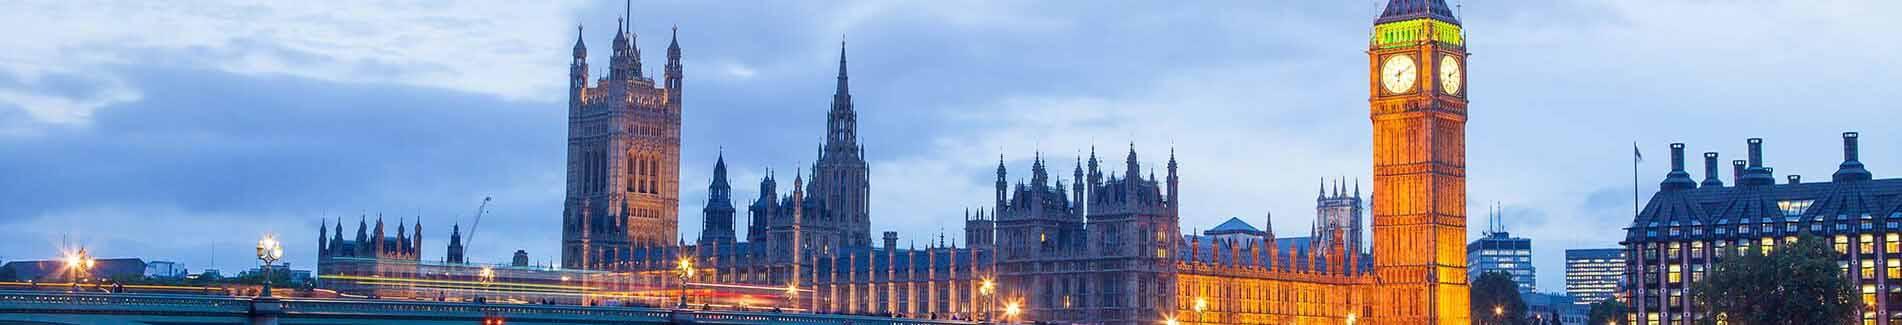 UK Visa - Get United Kingdom Tourist Visa and Multiple Entry